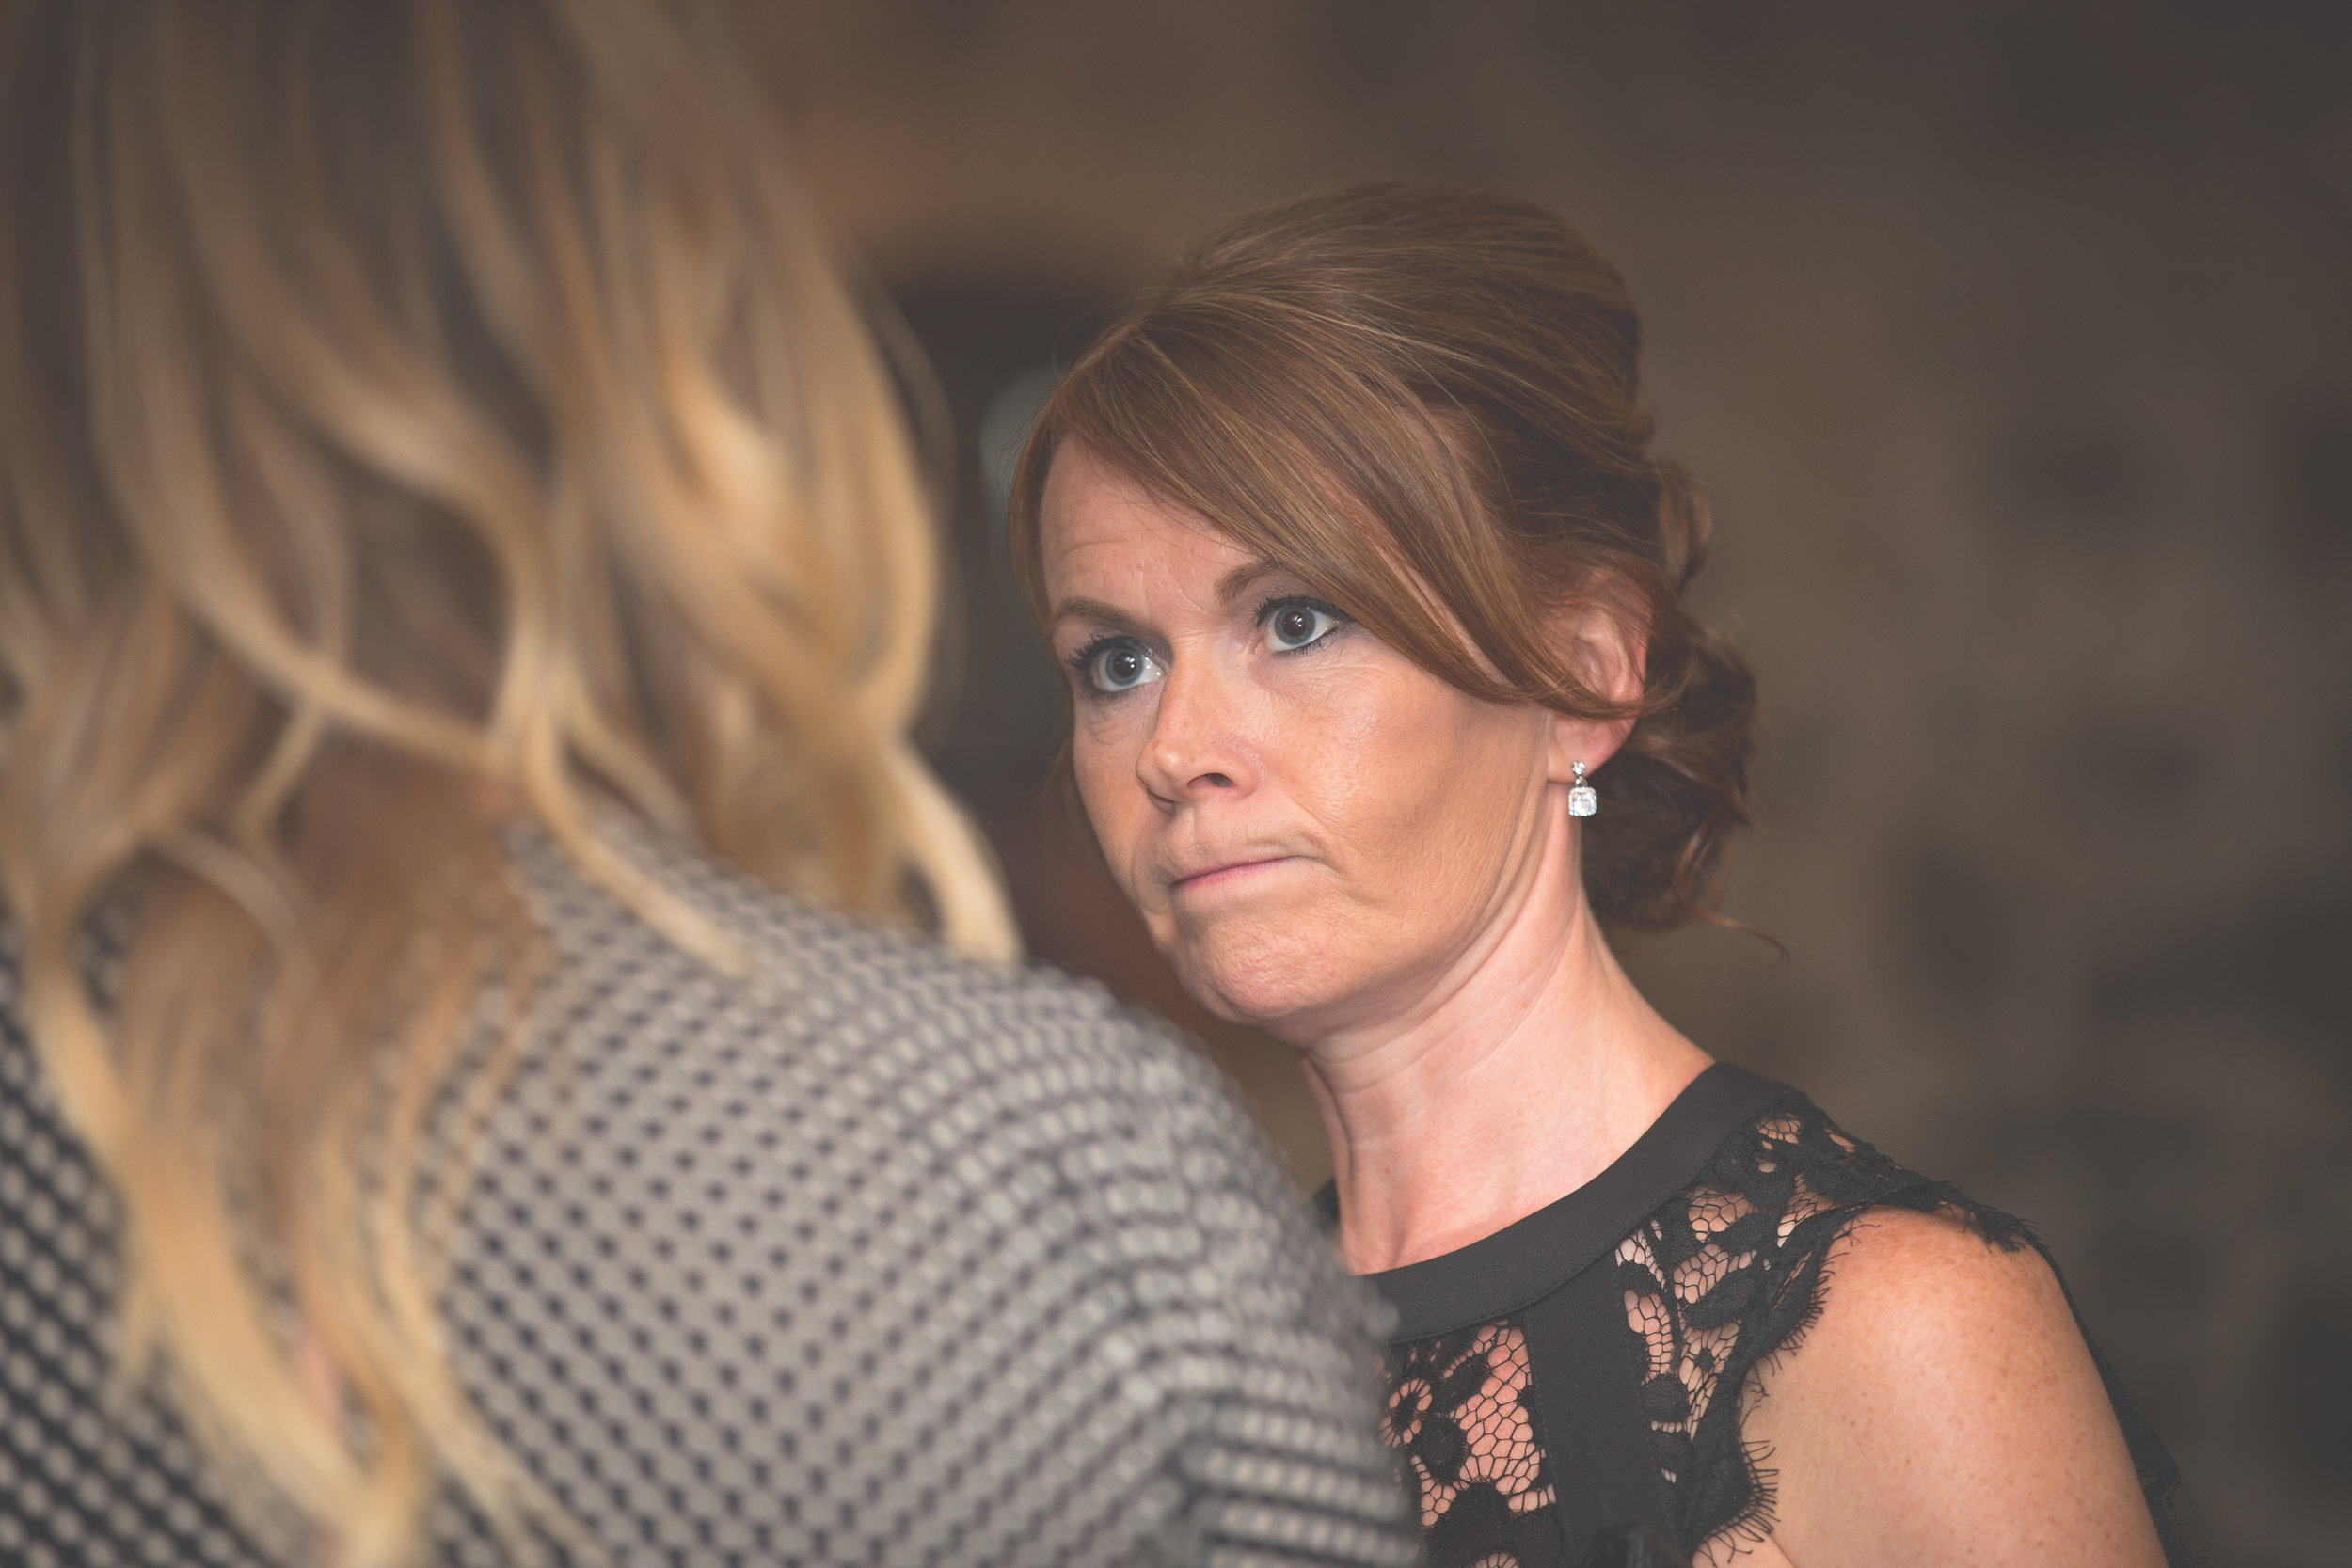 Brian McEwan Wedding Photography | Carol-Anne & Sean | The Speeches-31.jpg